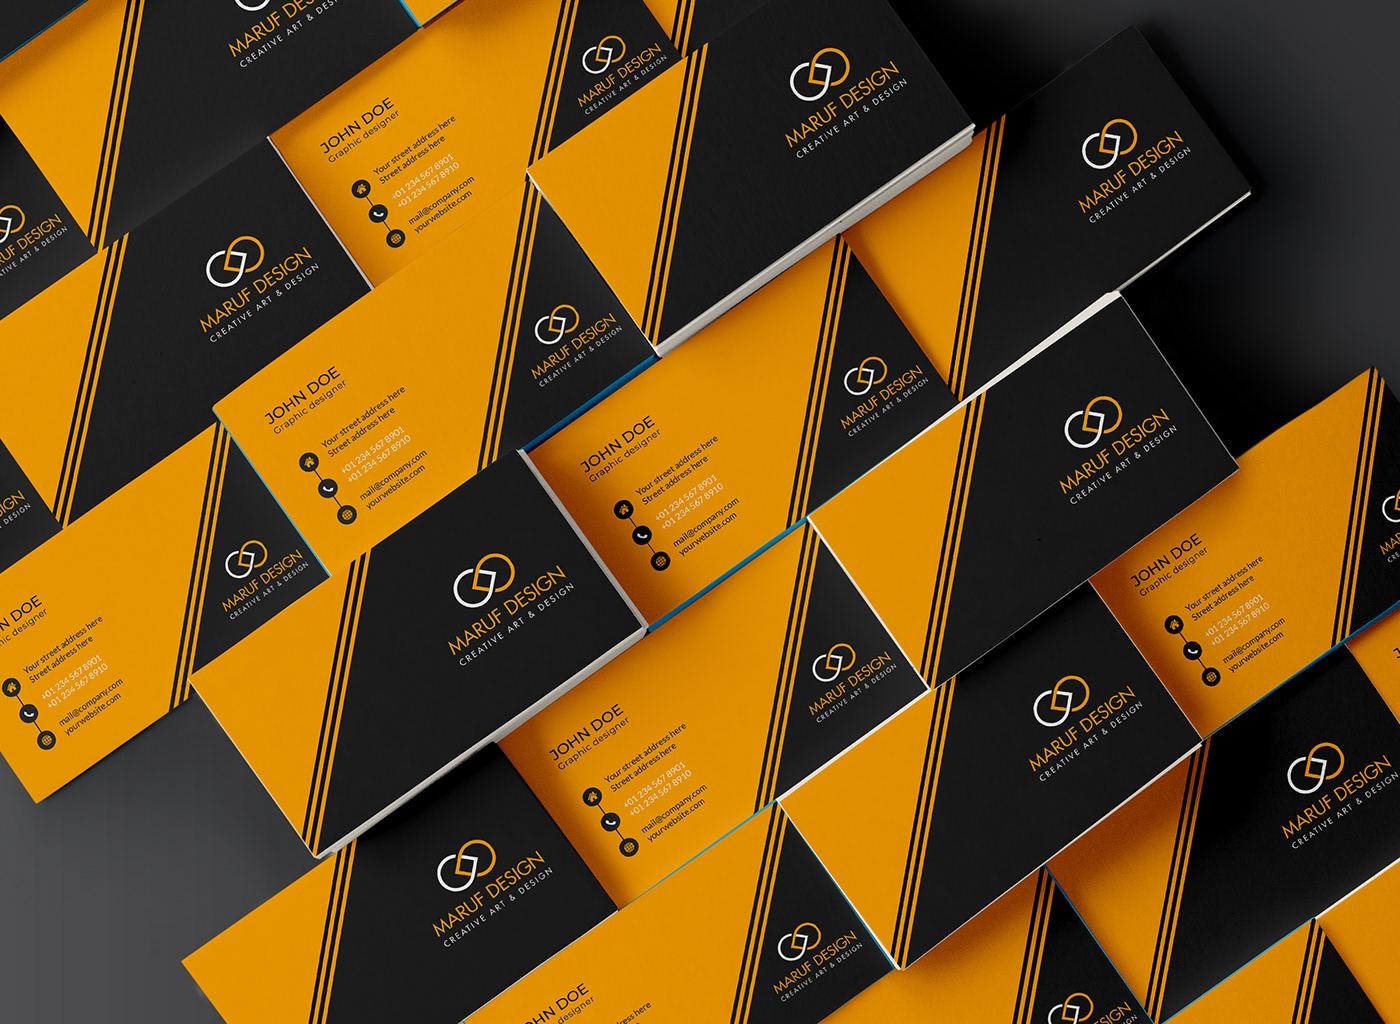 極美的24款卡片設計欣賞